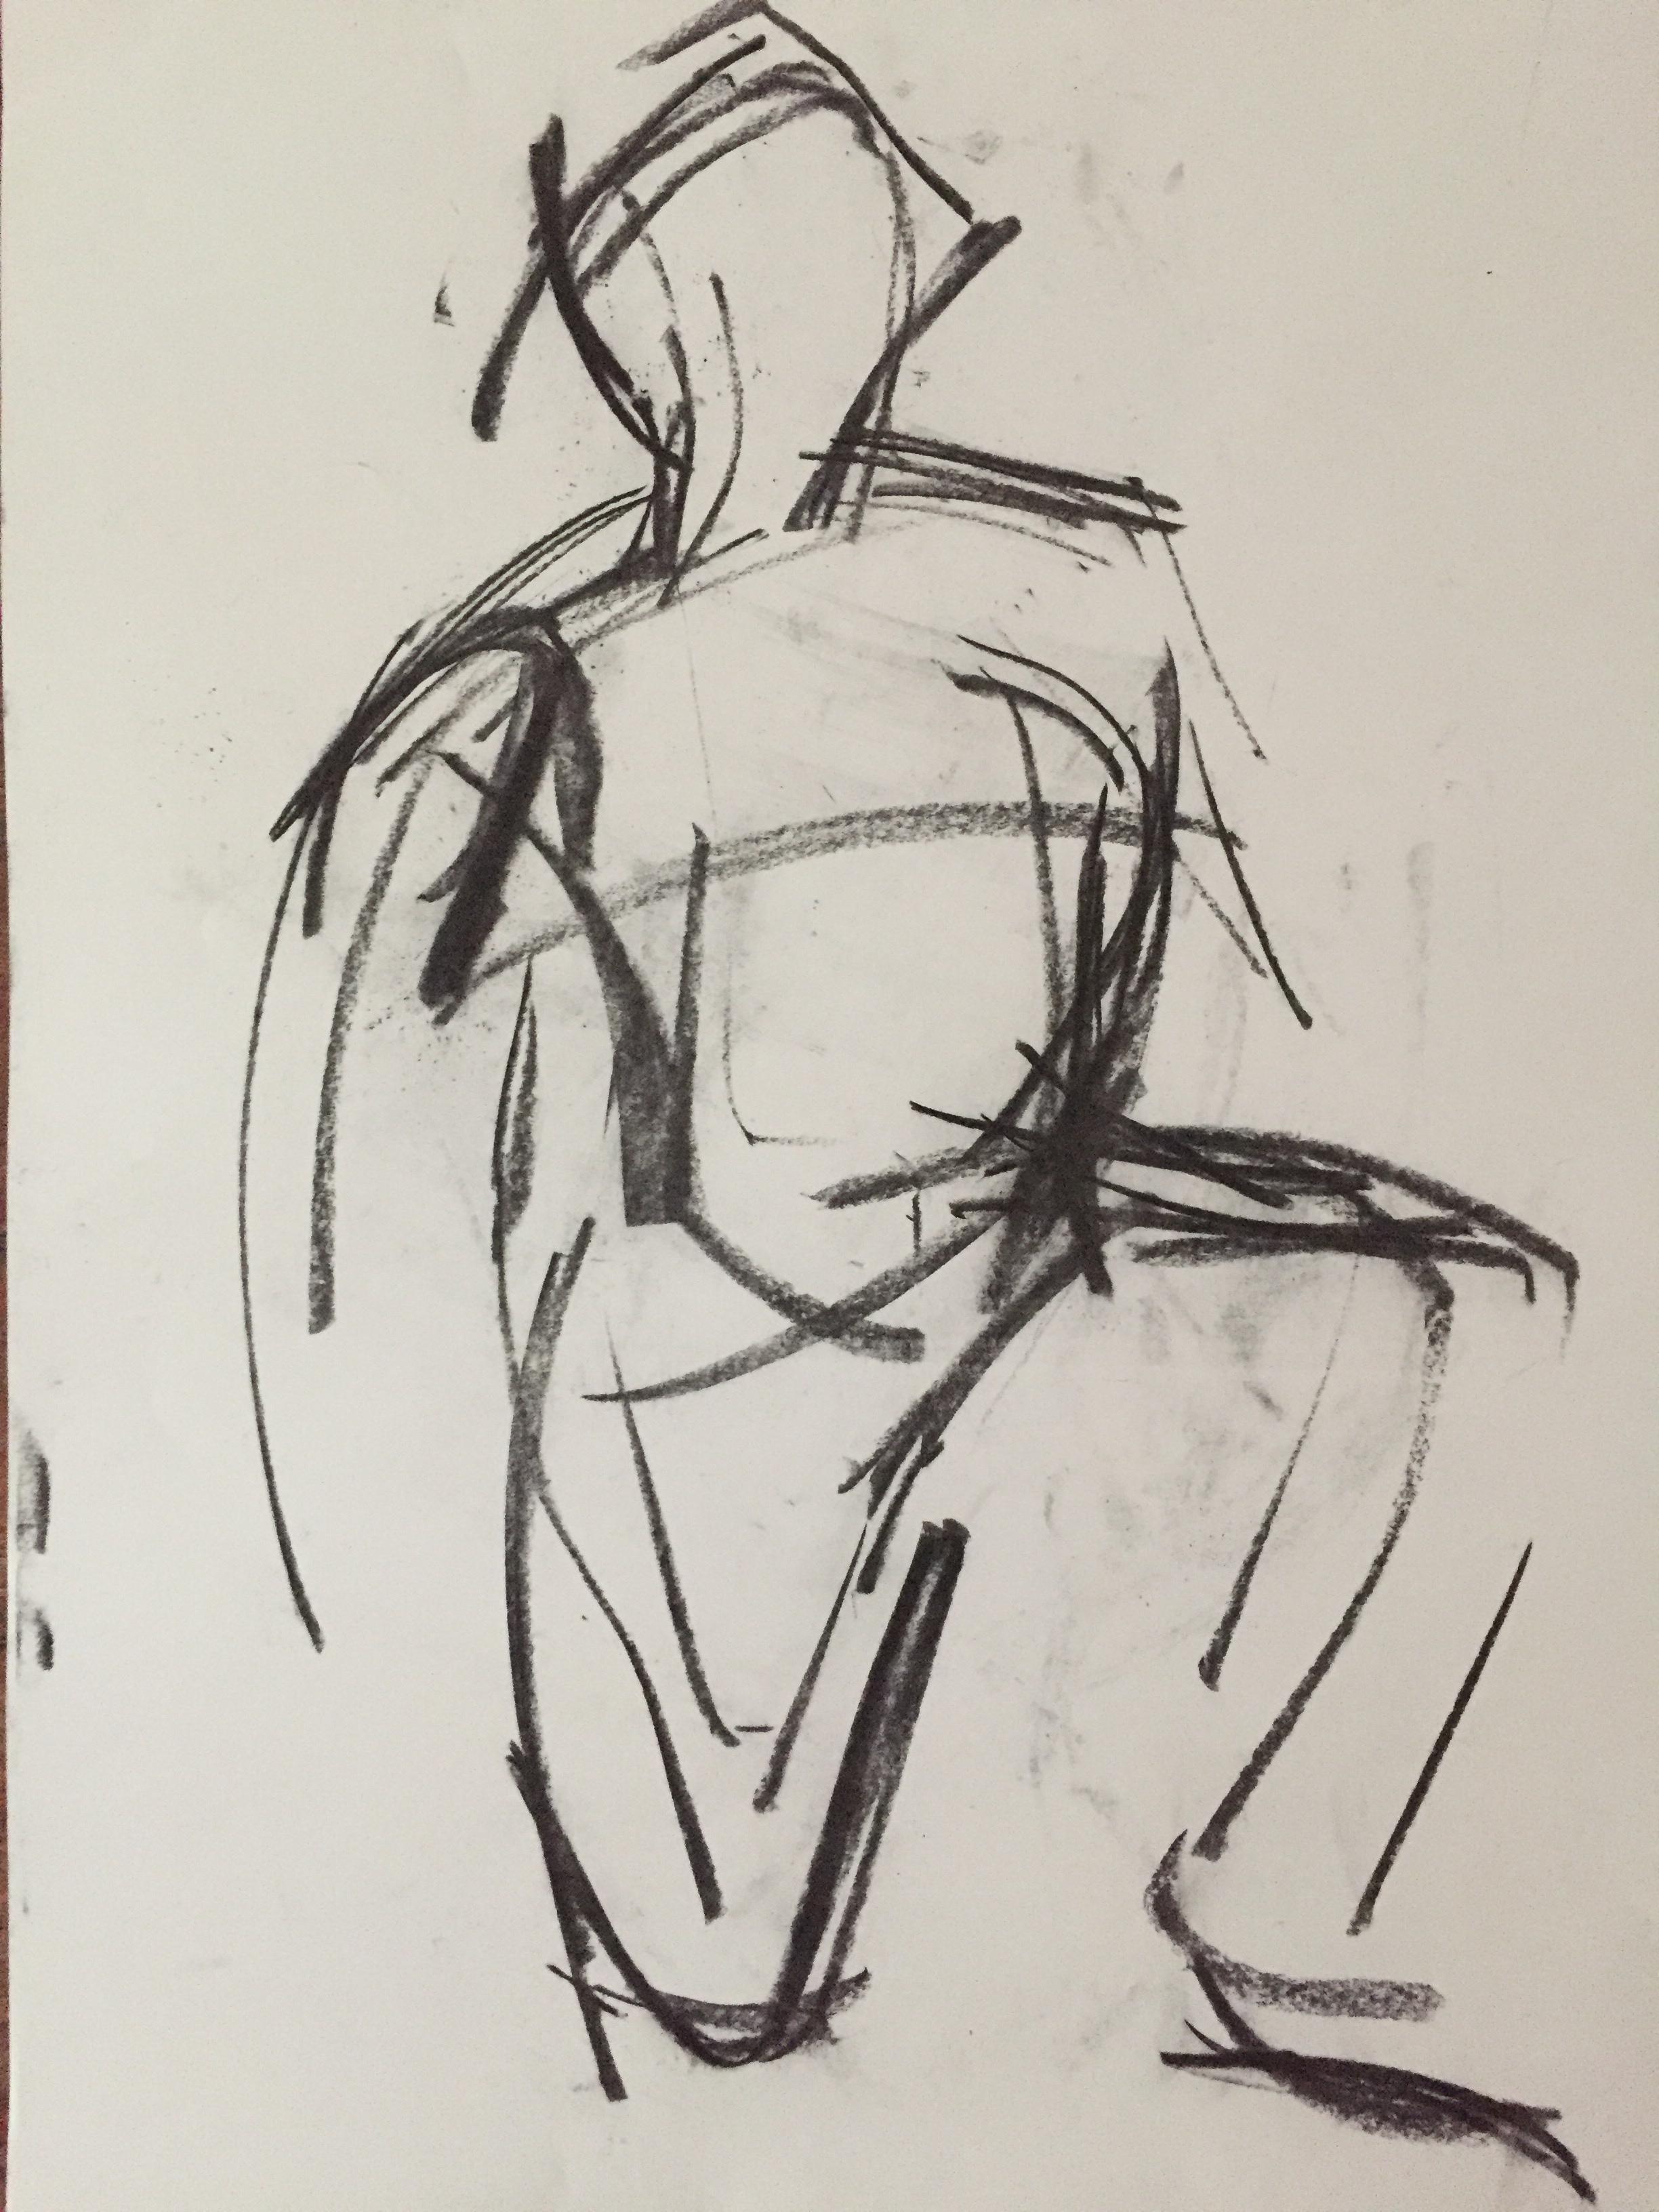 Gestural Sketch 2017